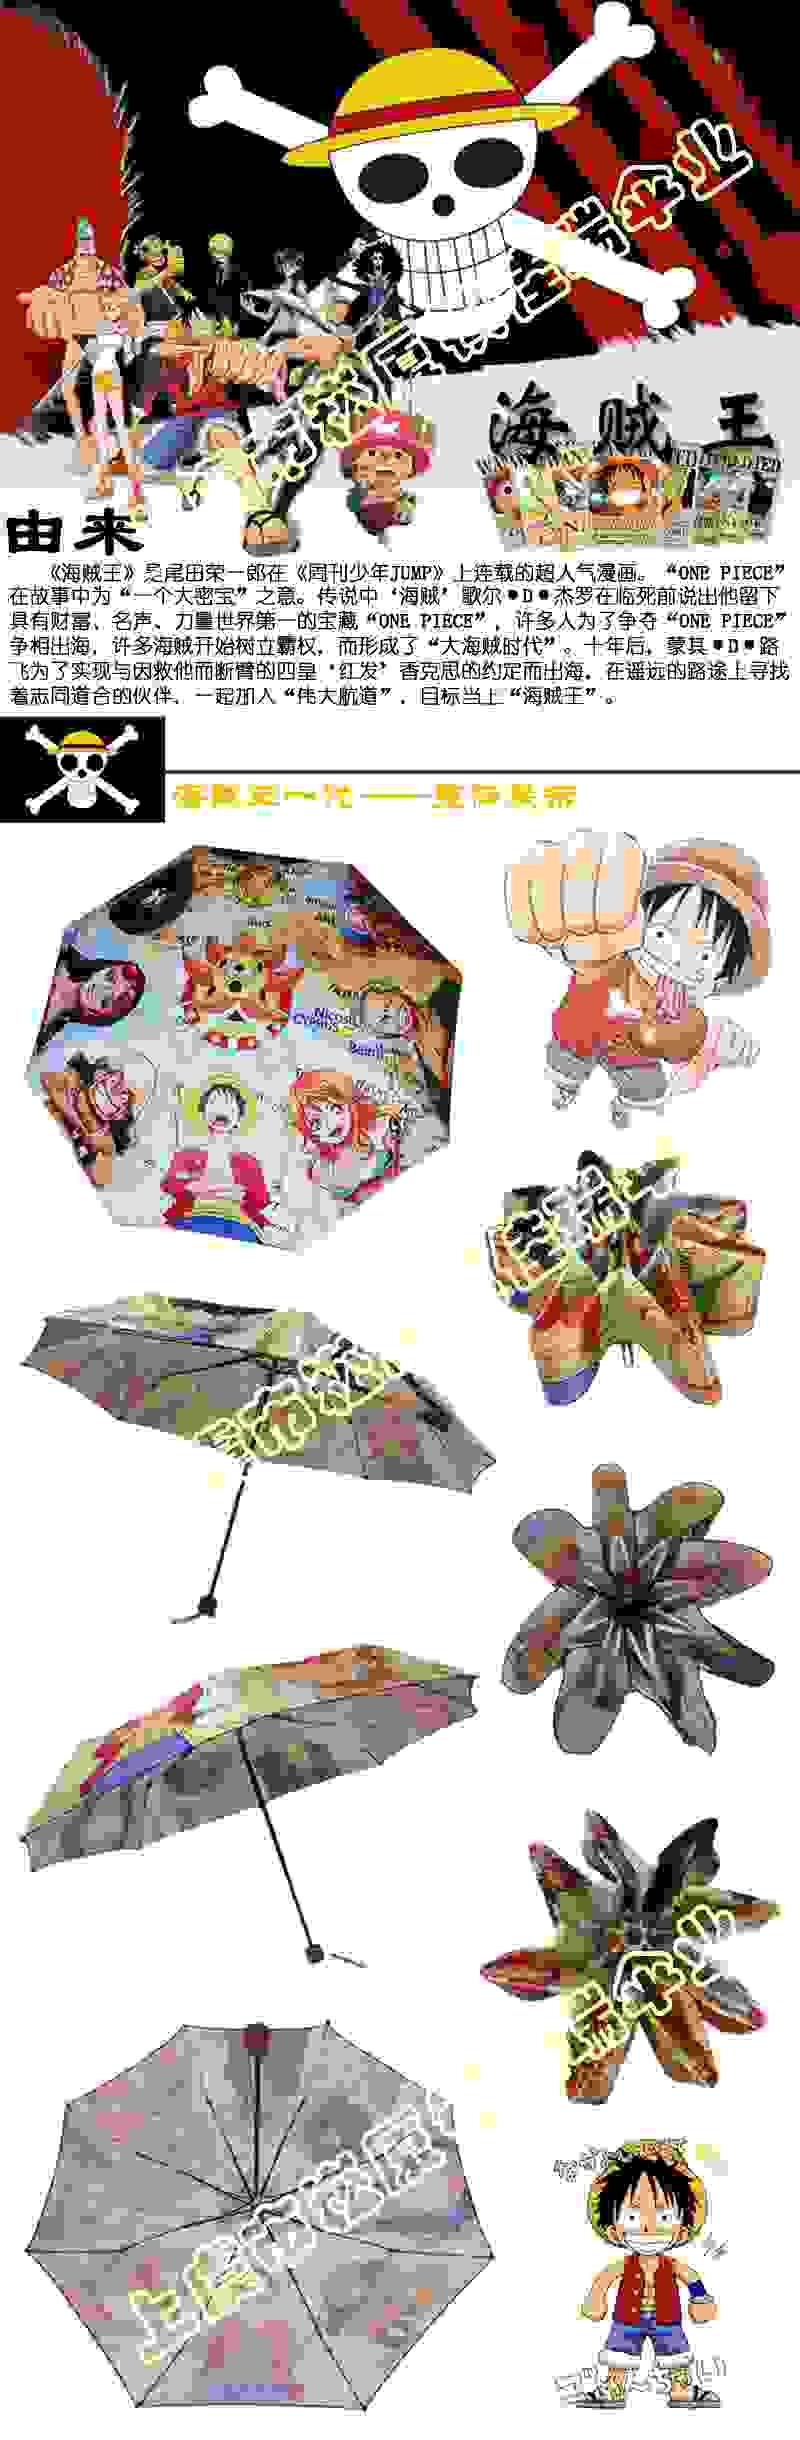 厂家直销动漫伞海贼王三折伞 黑烤漆骨架 超酷卡通折叠雨伞图片